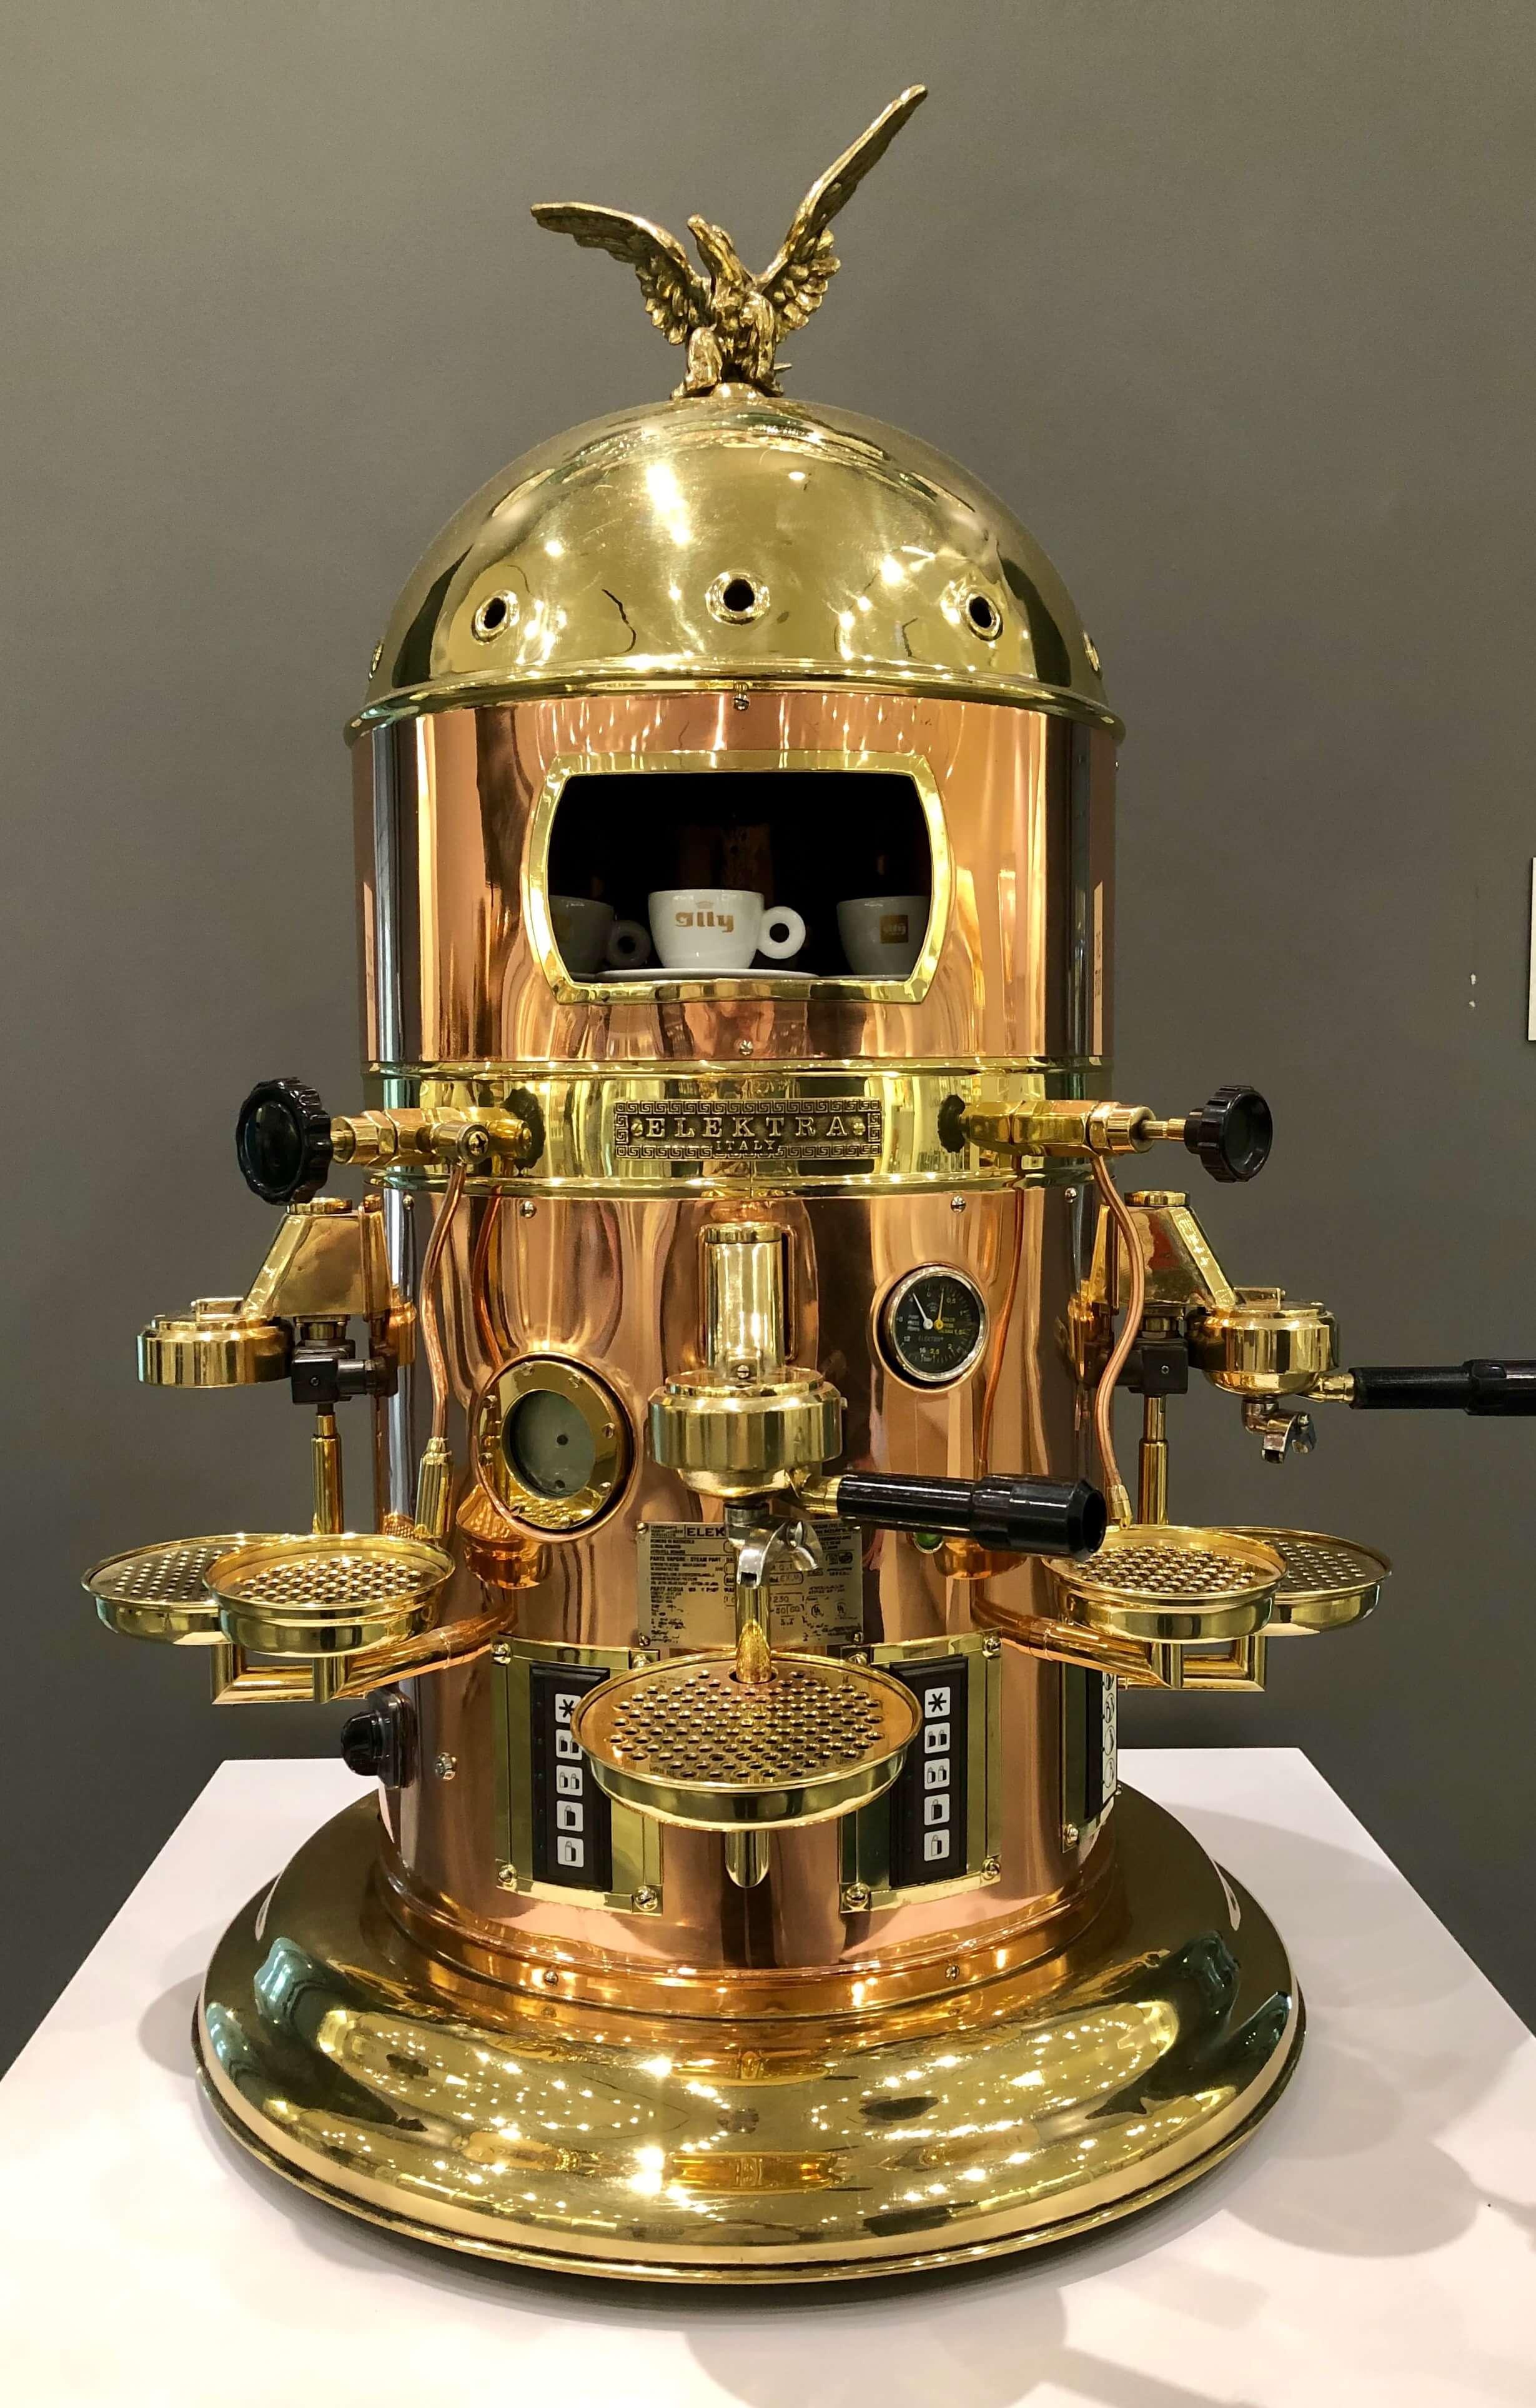 Exquisite brass and copper espresso maker the Chuck Williams Culinary Arts Museum, Culinary Institute of America Copia | Napa, California